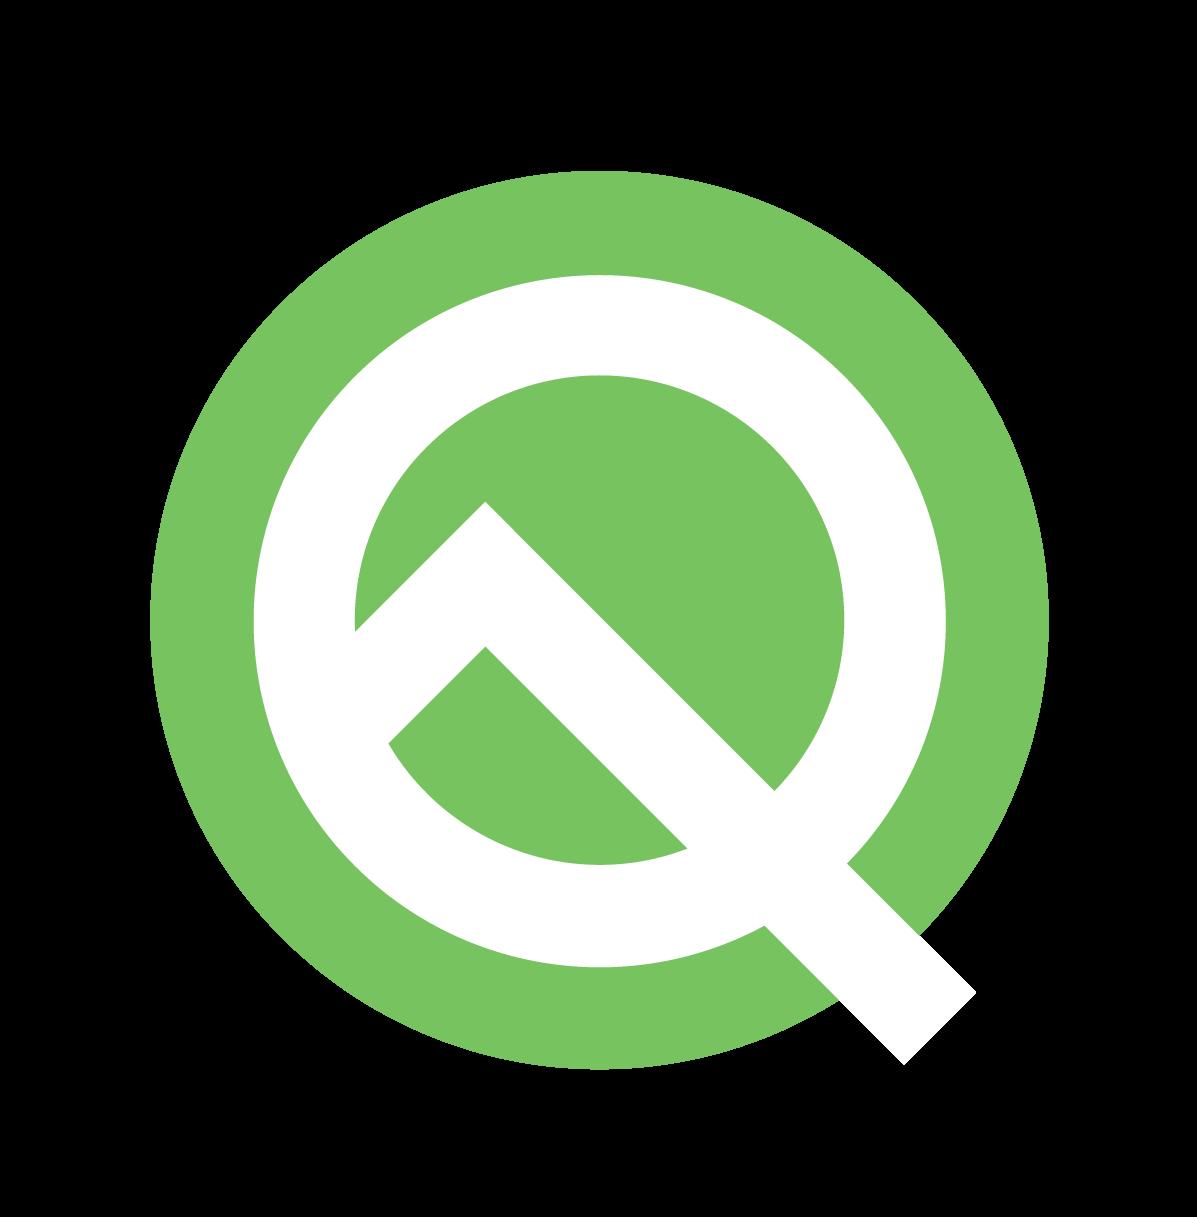 Logotipo de AndroidQ